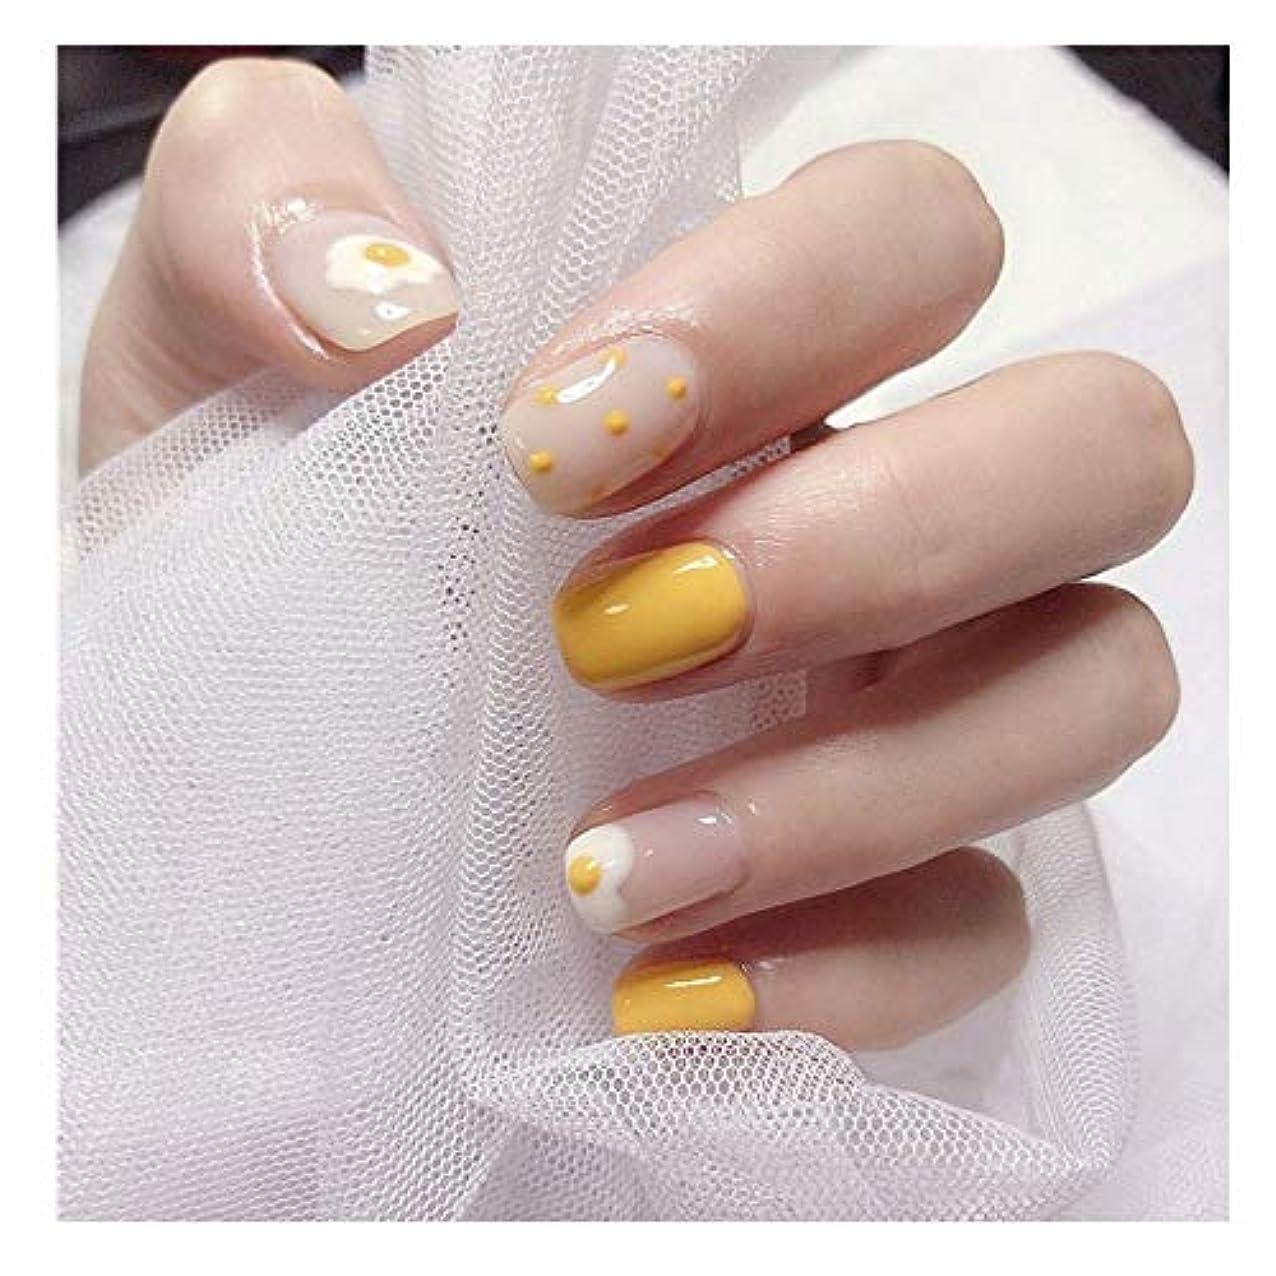 靄抽出ハリケーンTAALESET 黄色の卵偽の釘のショートスクエアネイルグルー完成ネイルアートフェイクネイルズ (色 : 24 pieces)